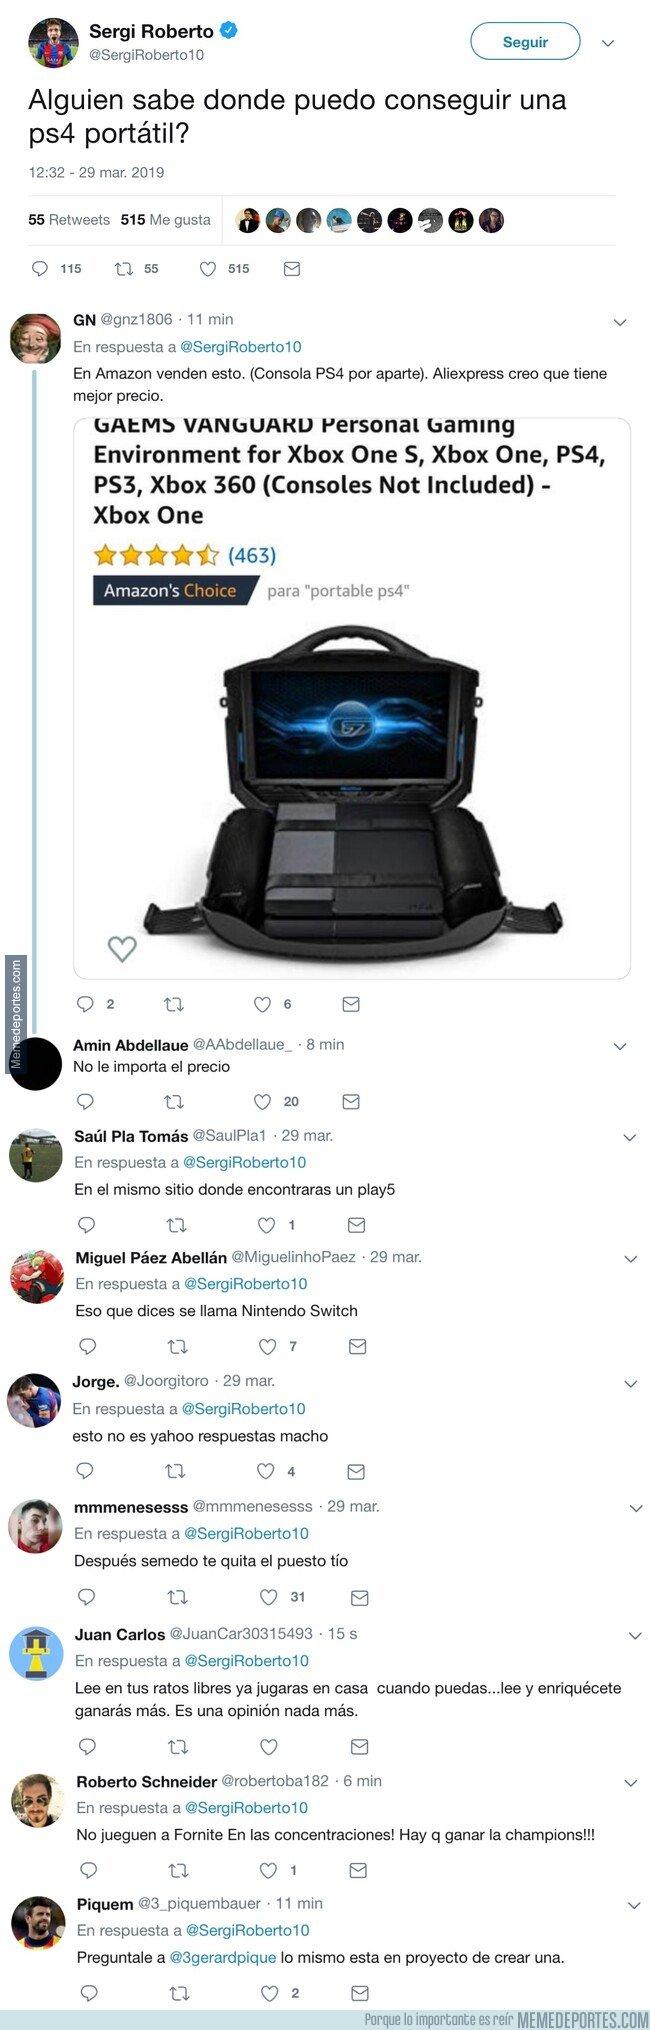 1069967 - Sergi Roberto pide dónde comprar una PS4 portátil, y los comentarios son lo mejor